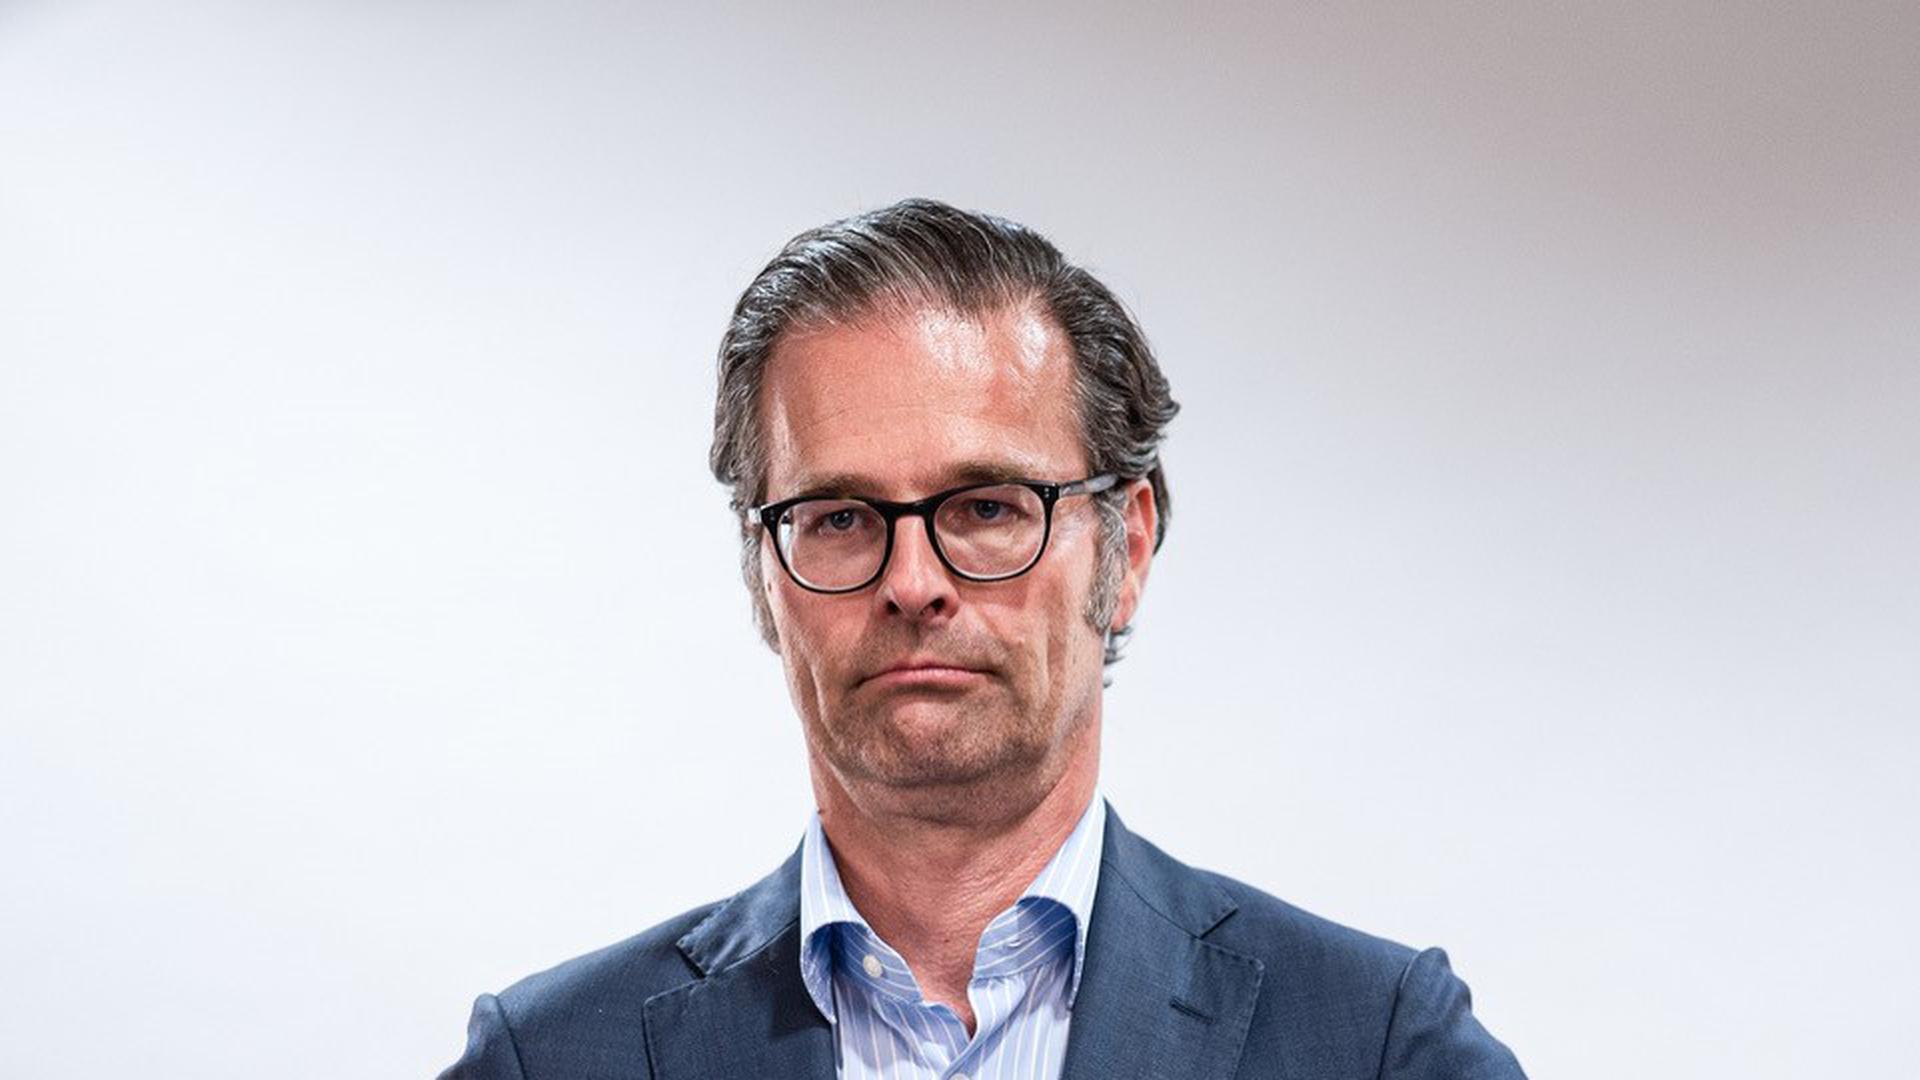 Schattenmann tritt nach vorne: Holger Siegmund-Schultze beim Fototermin nach der Präsidenten-Wahl am Donnerstagabend.